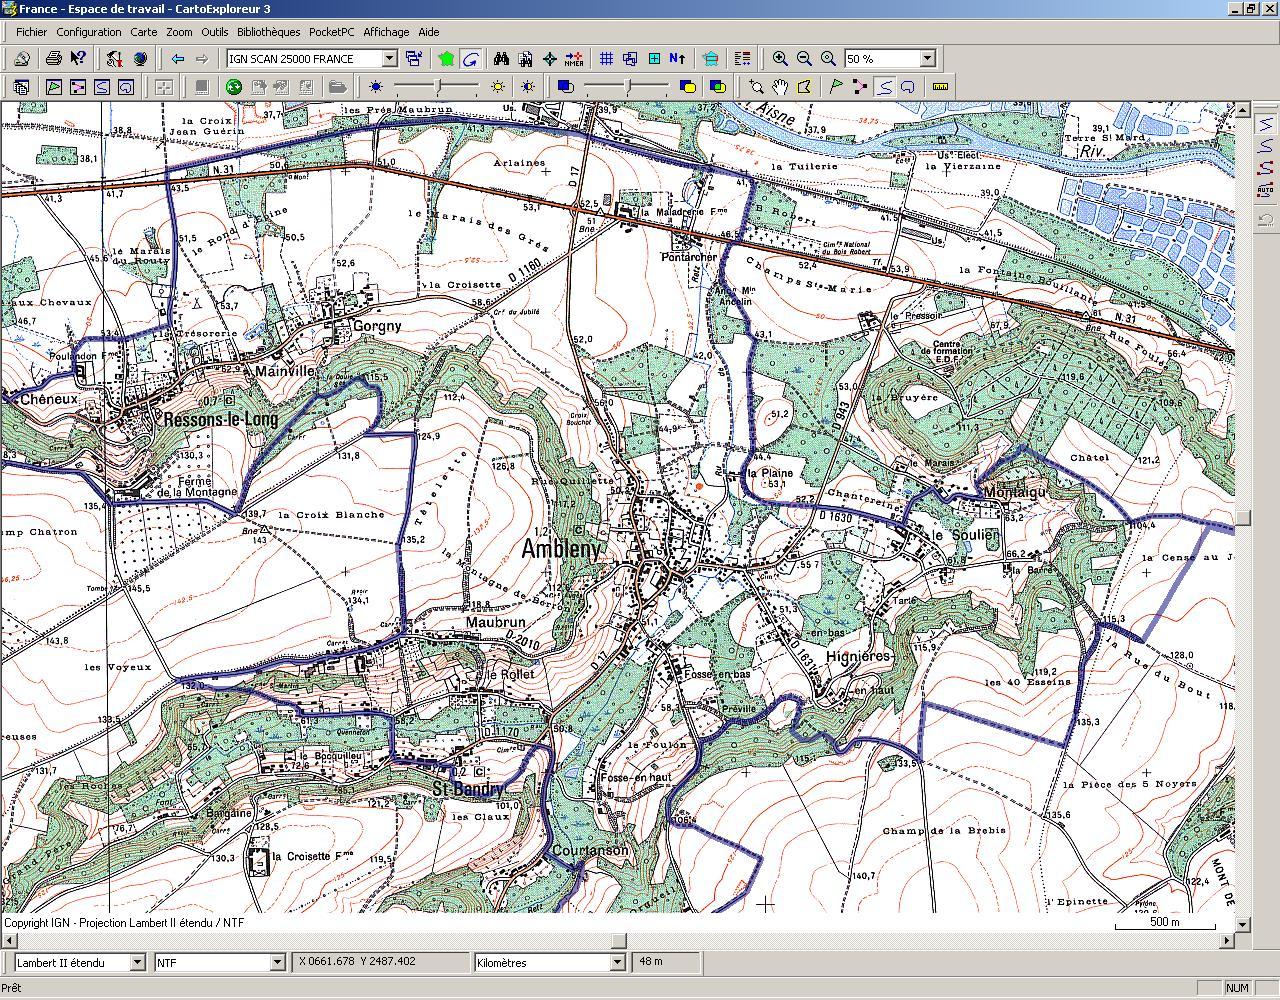 [GPS] Garmin Edge (205), Carto Explorer 3 + Training Center Gps03